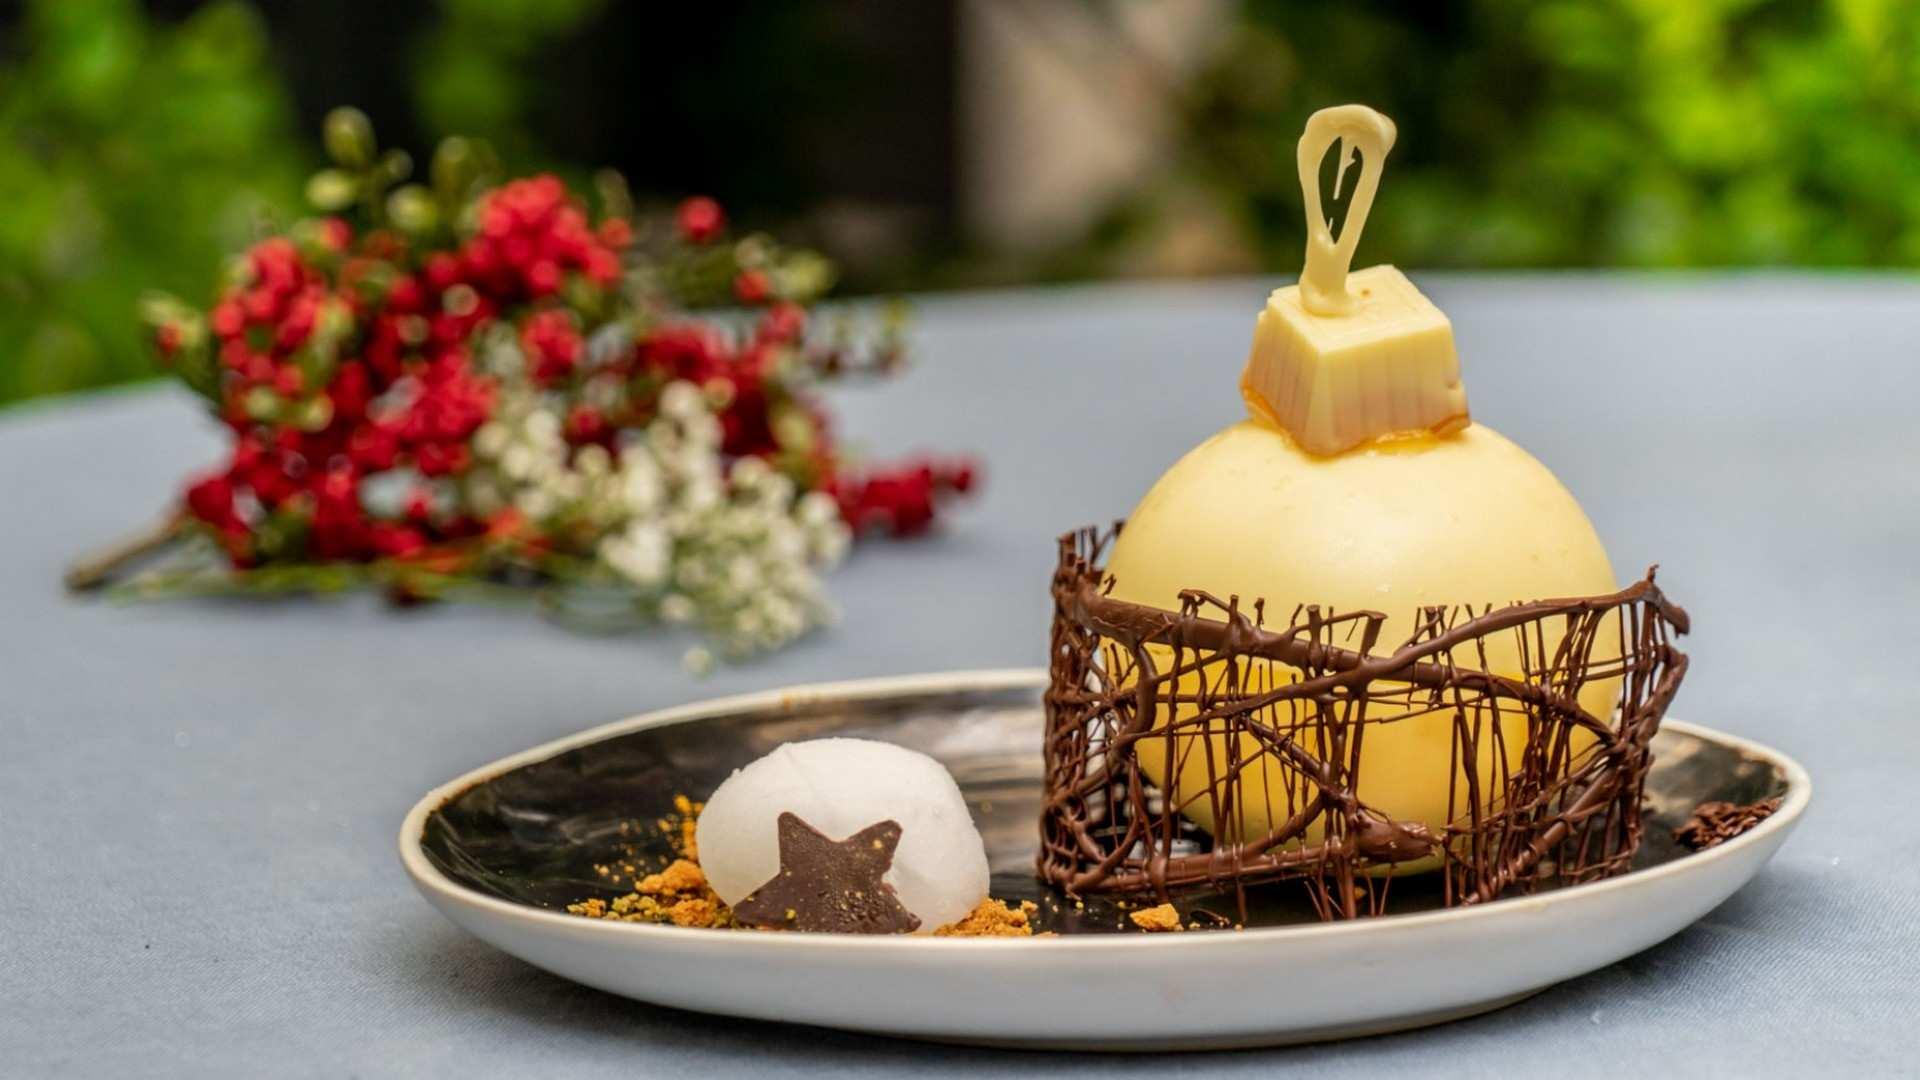 Receta de crujiente de chocolate blanco, mousse de yogurt de melocotón y helado de Moët & Chandon: especial recetas de Navidad